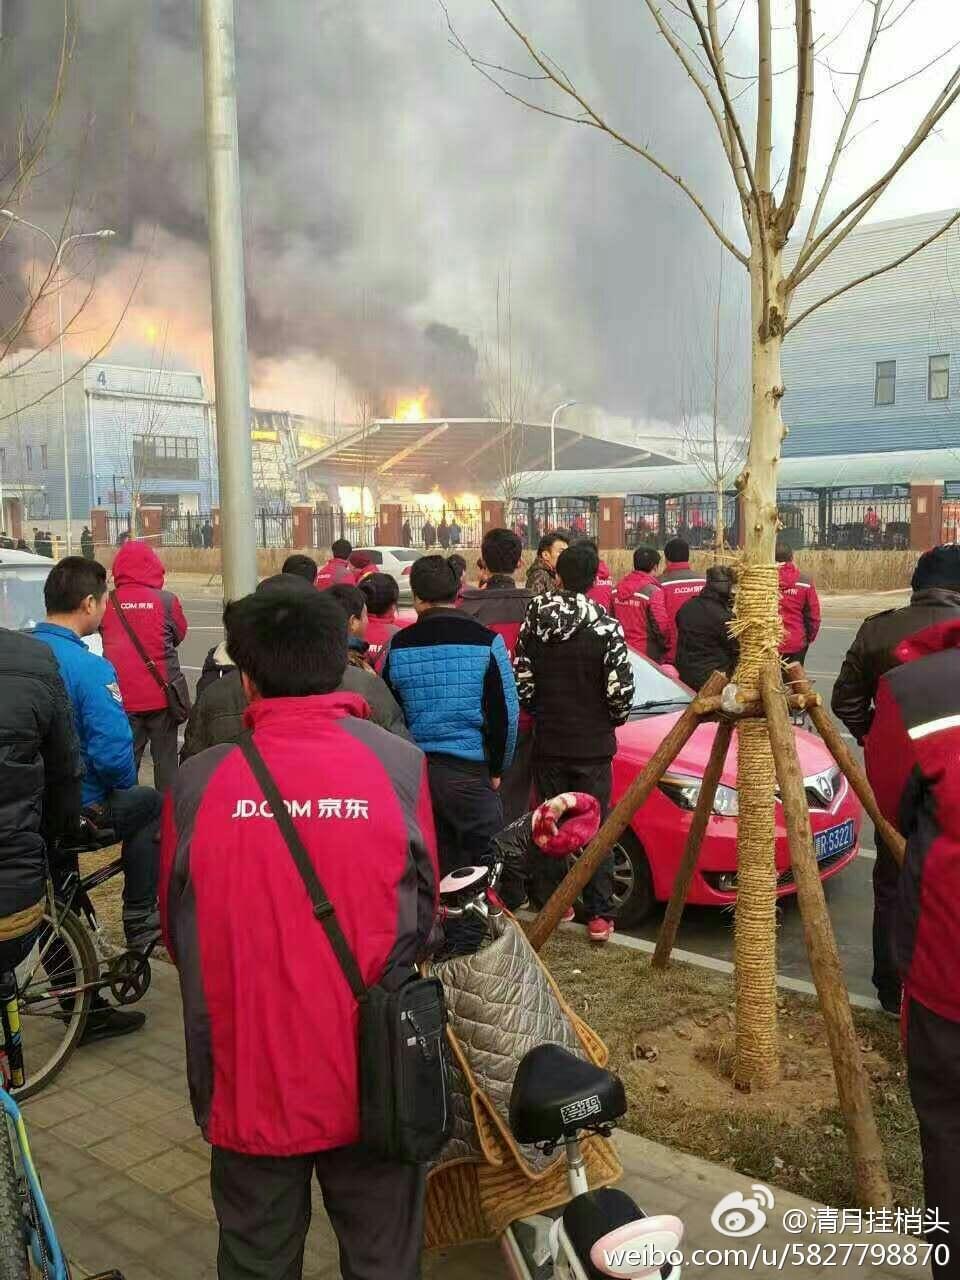 京东仓库发生火灾 回应称无伤亡 或影响部分订单